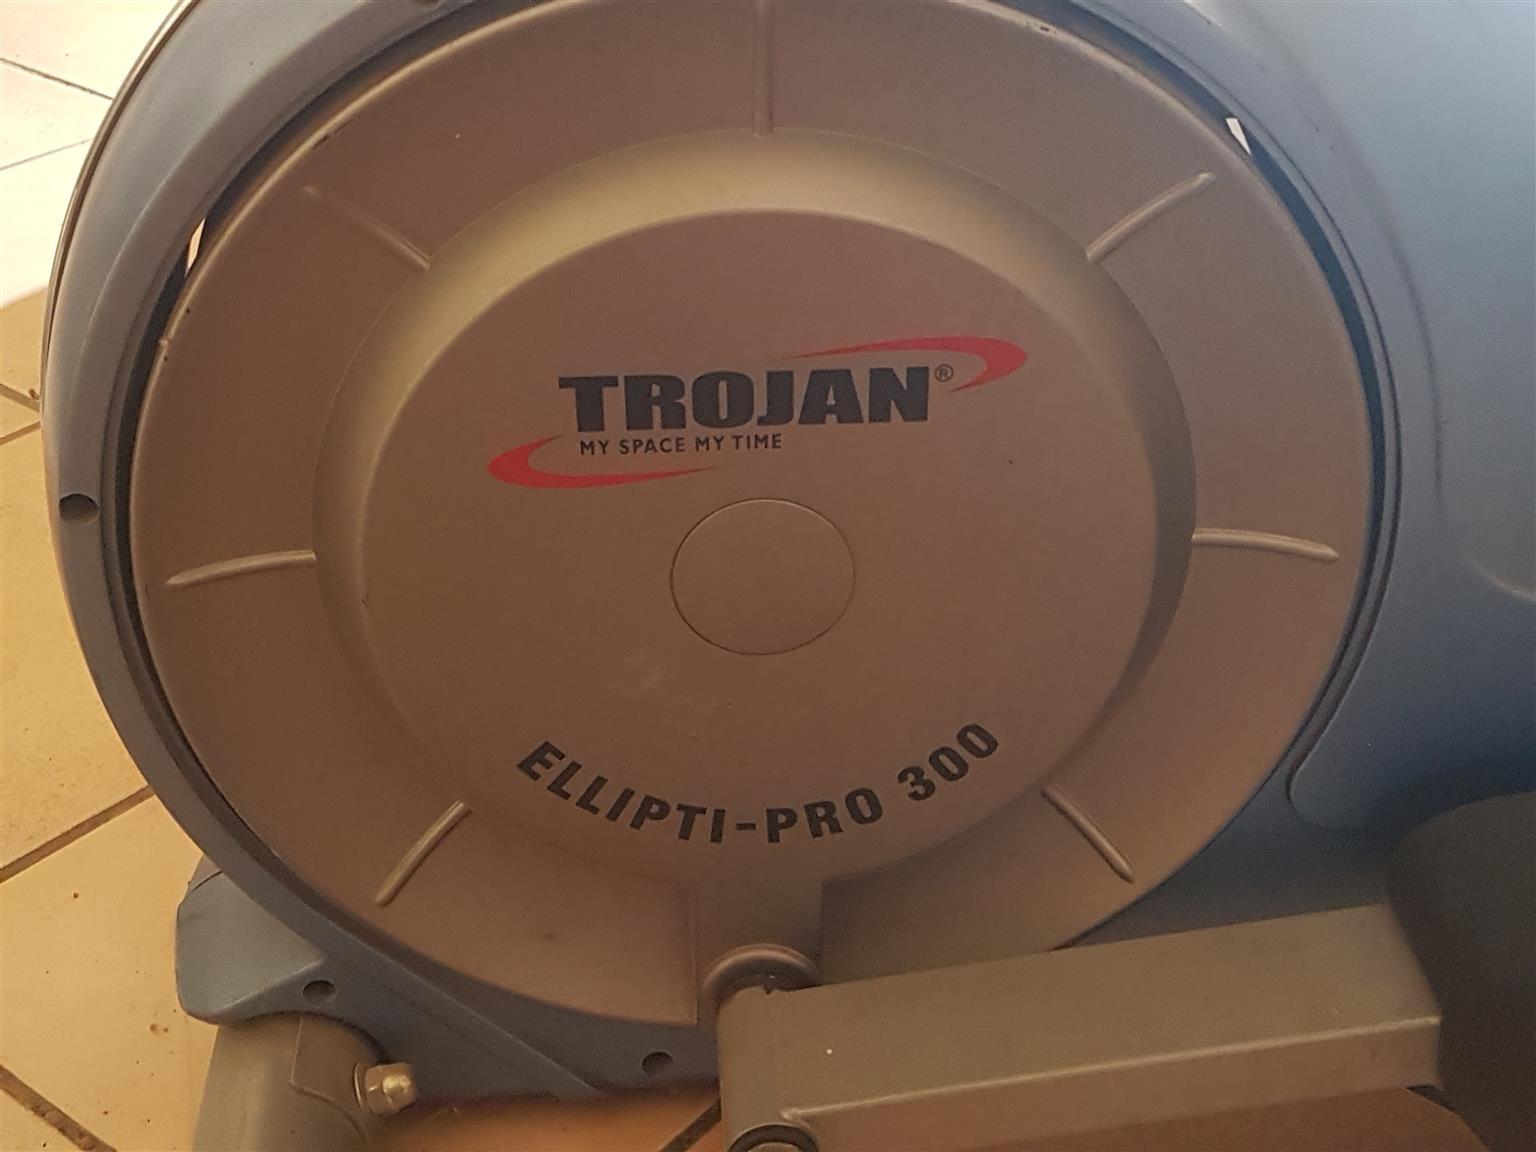 Trojan Elliptic - Pro 300